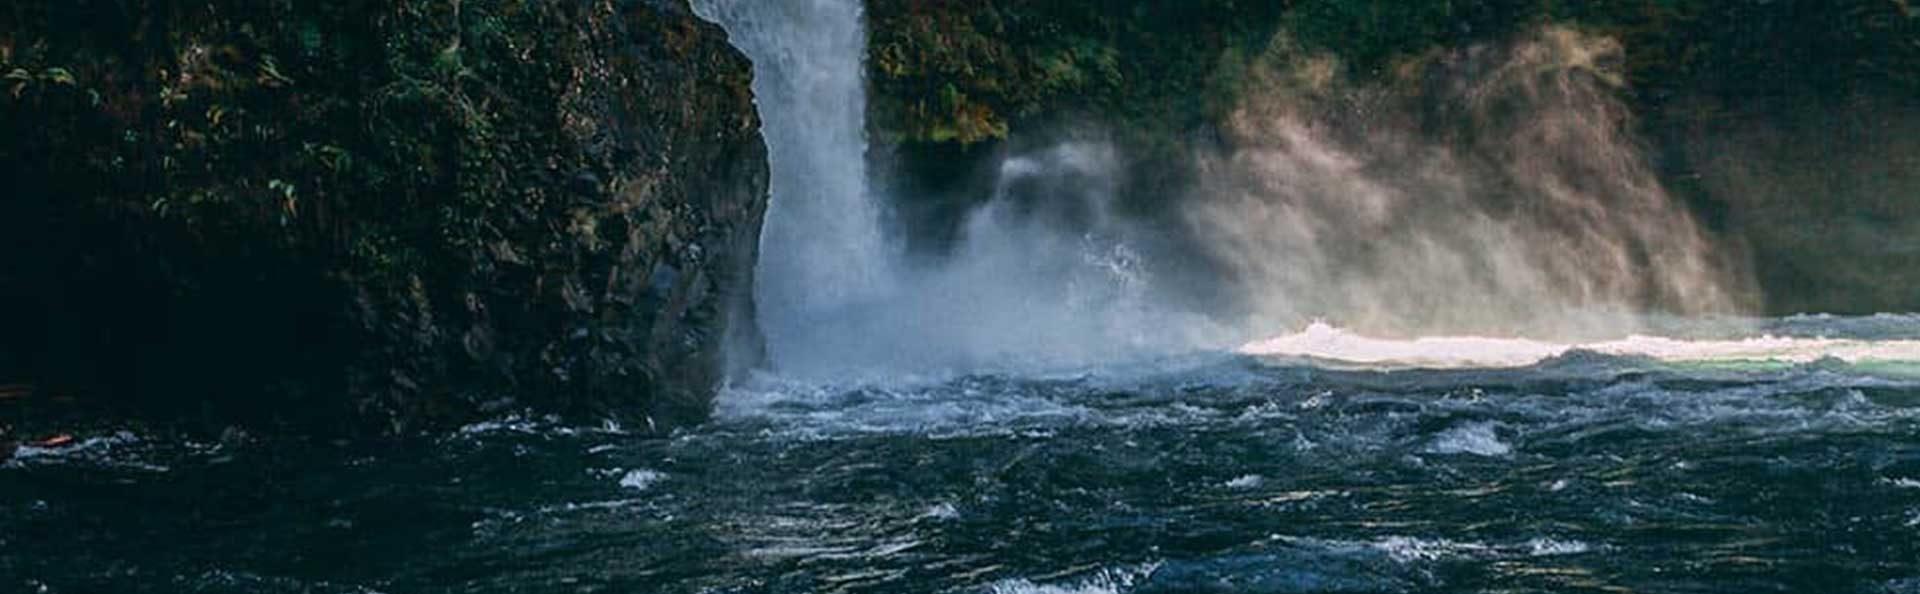 bg-waterfalloregon